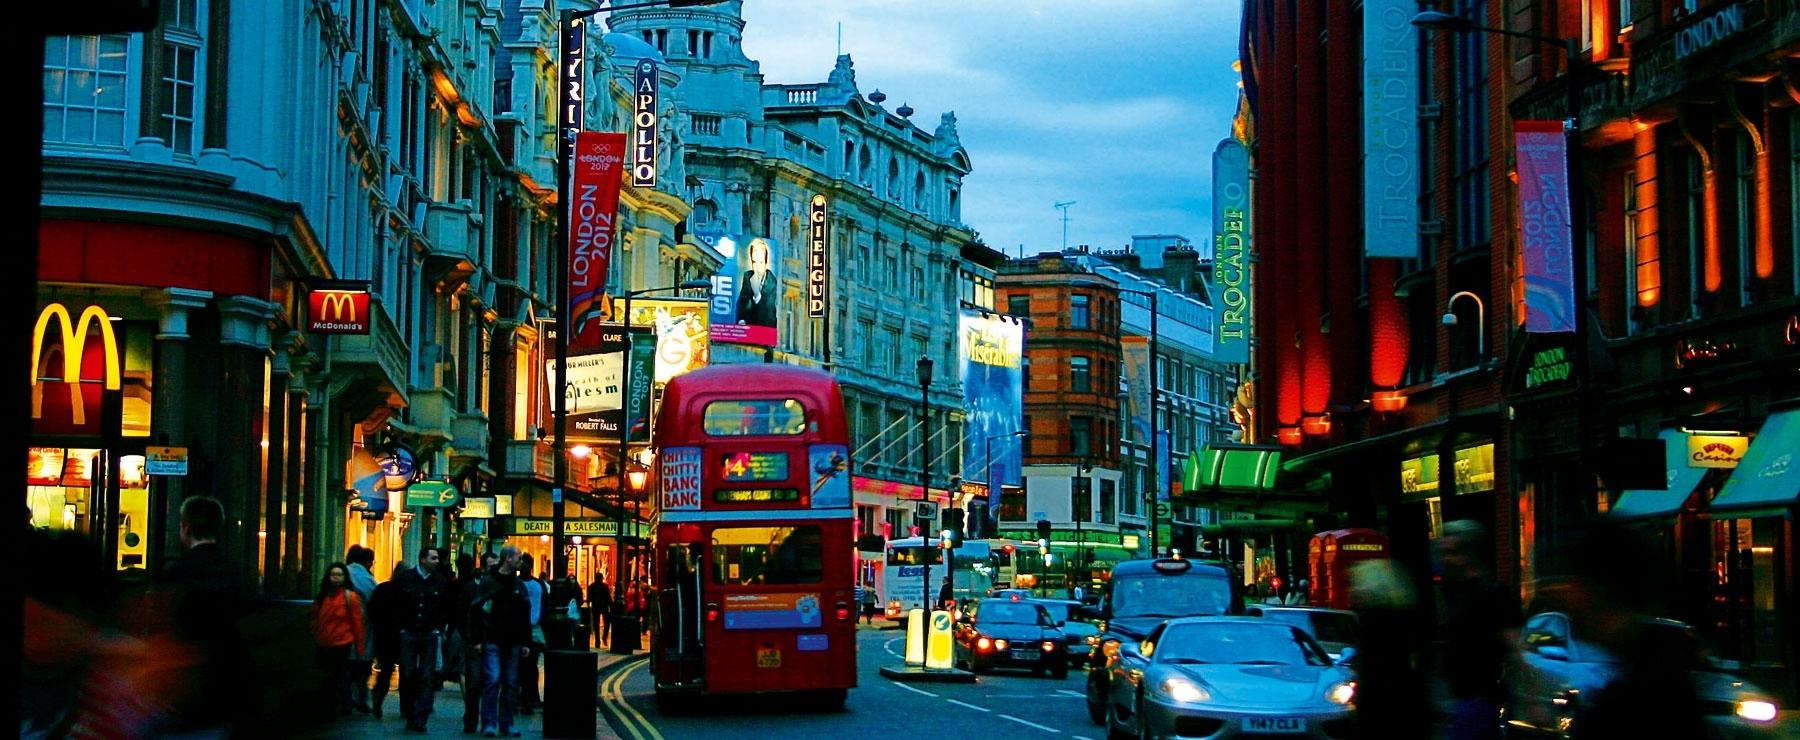 0-0-0_0_London___marea_brit_2_2